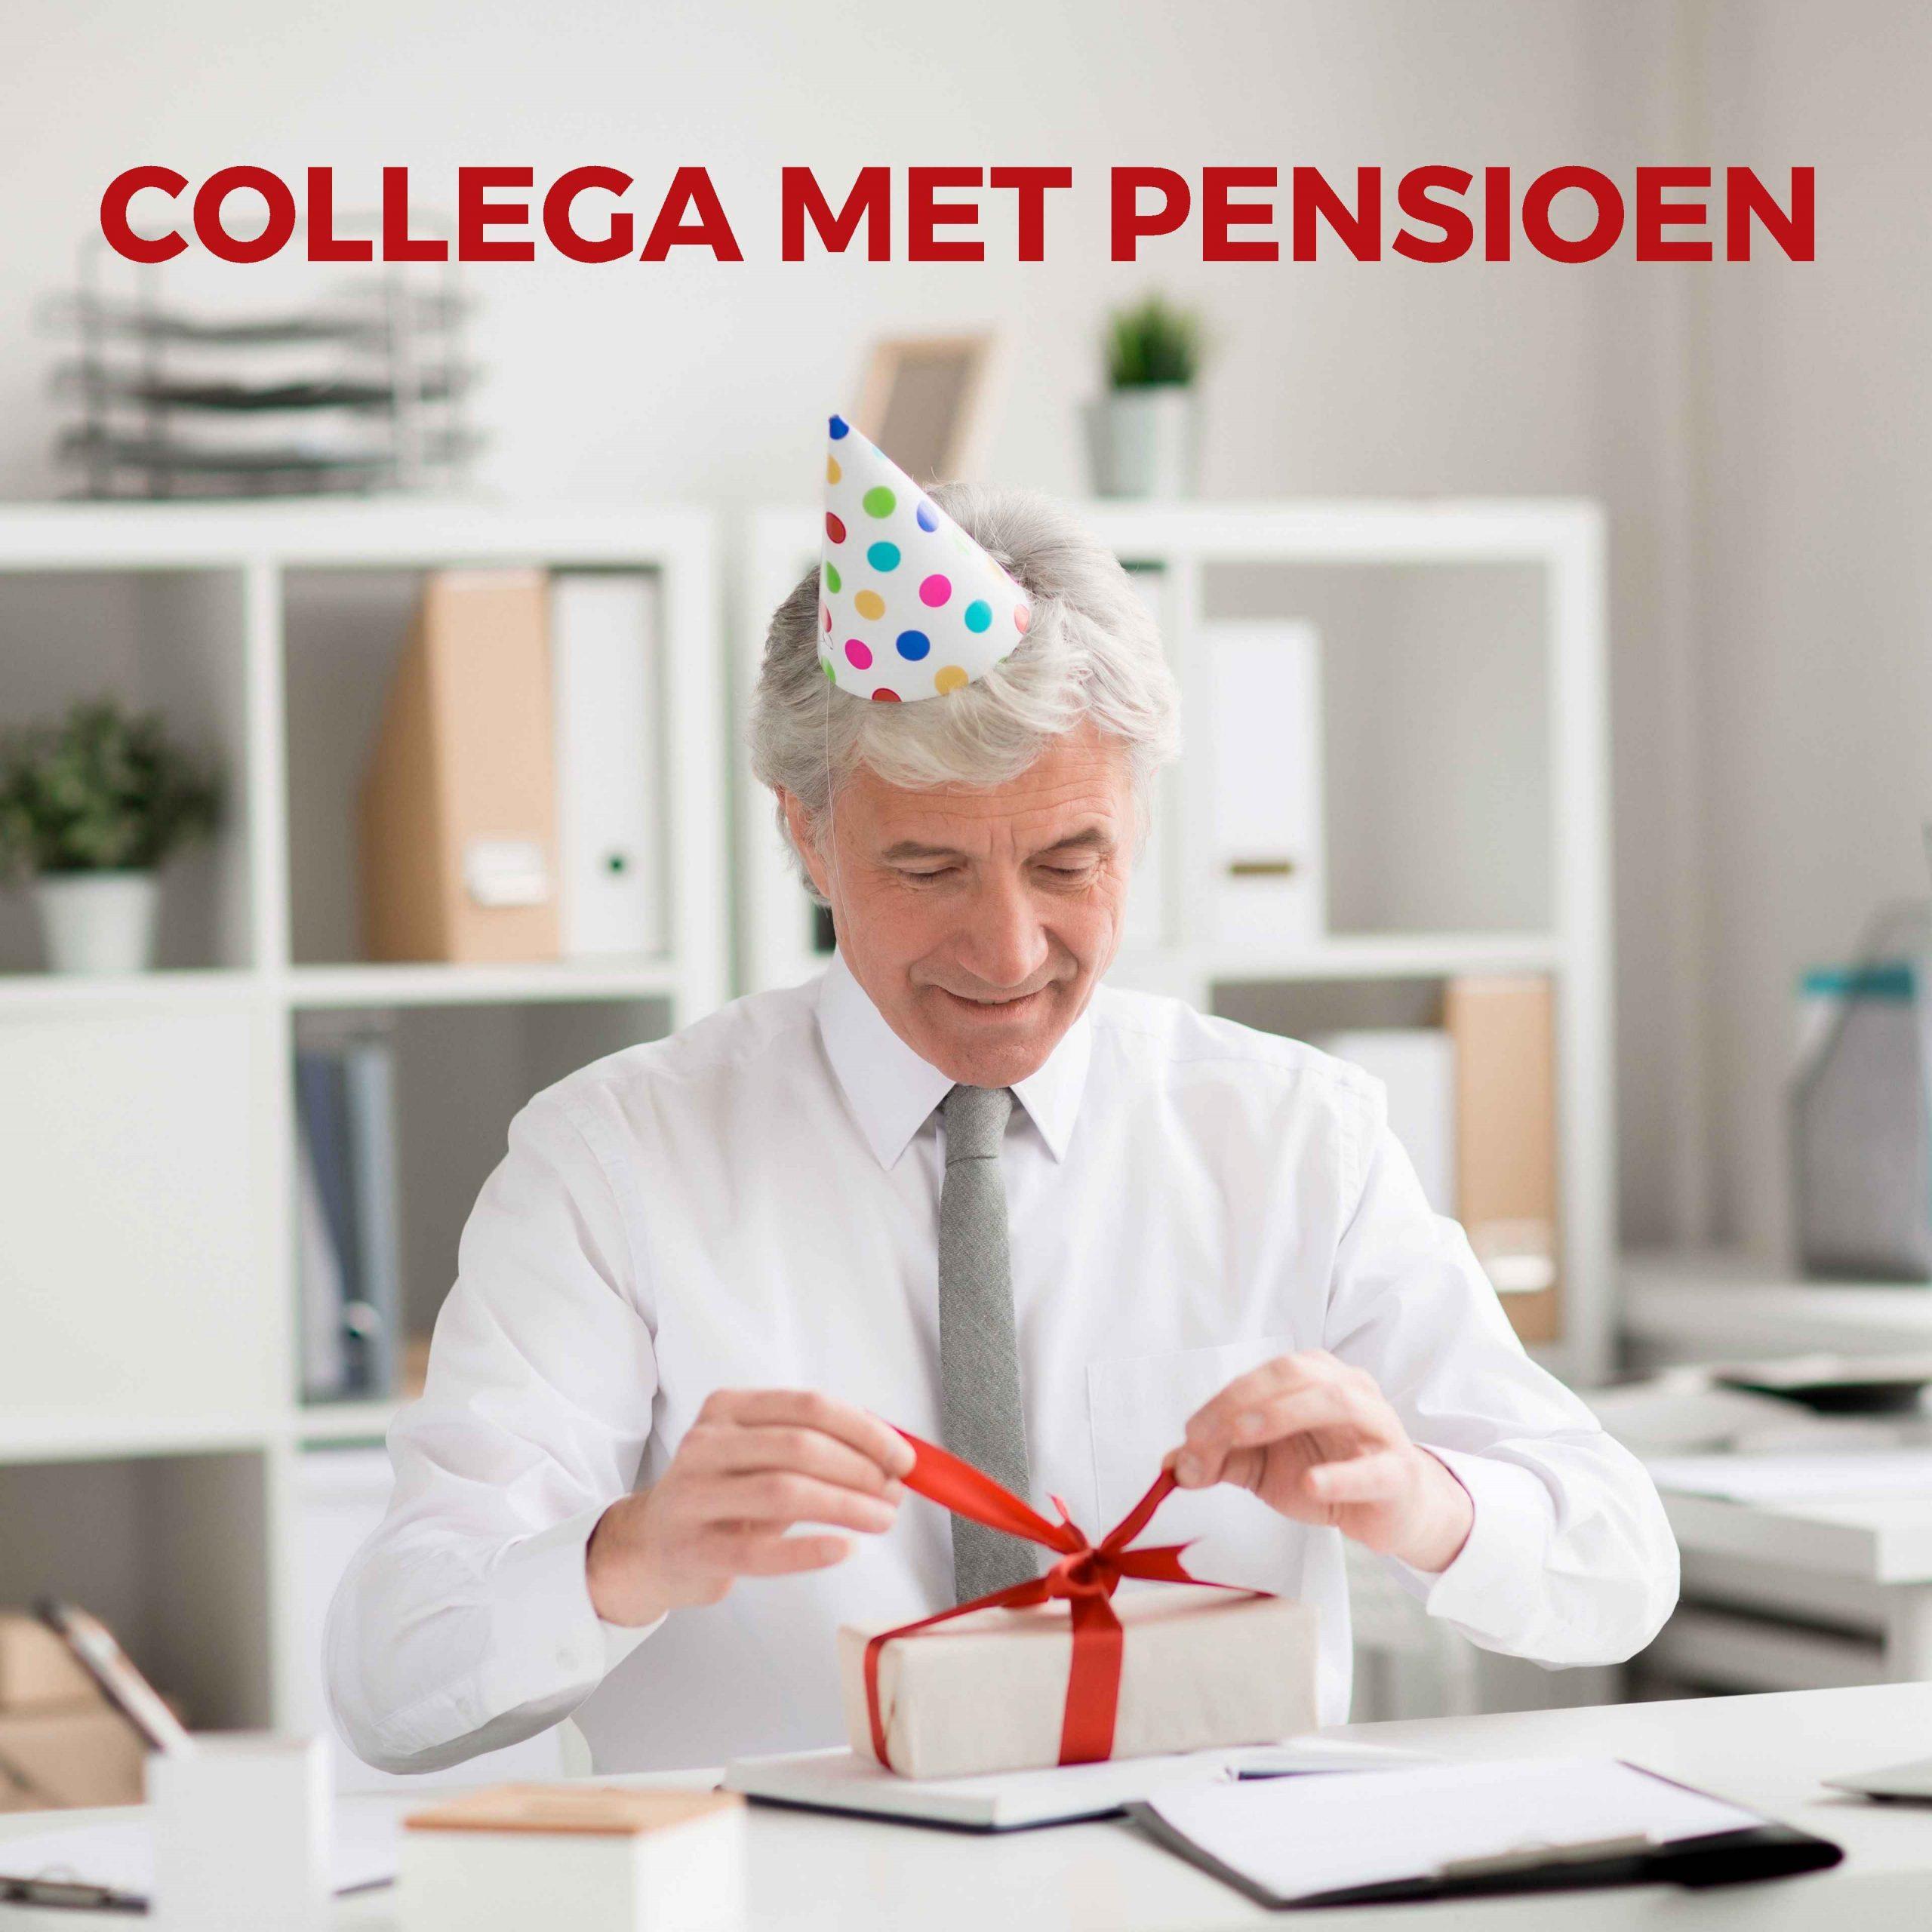 20x Afscheidscadeau collega pensioen ideeën